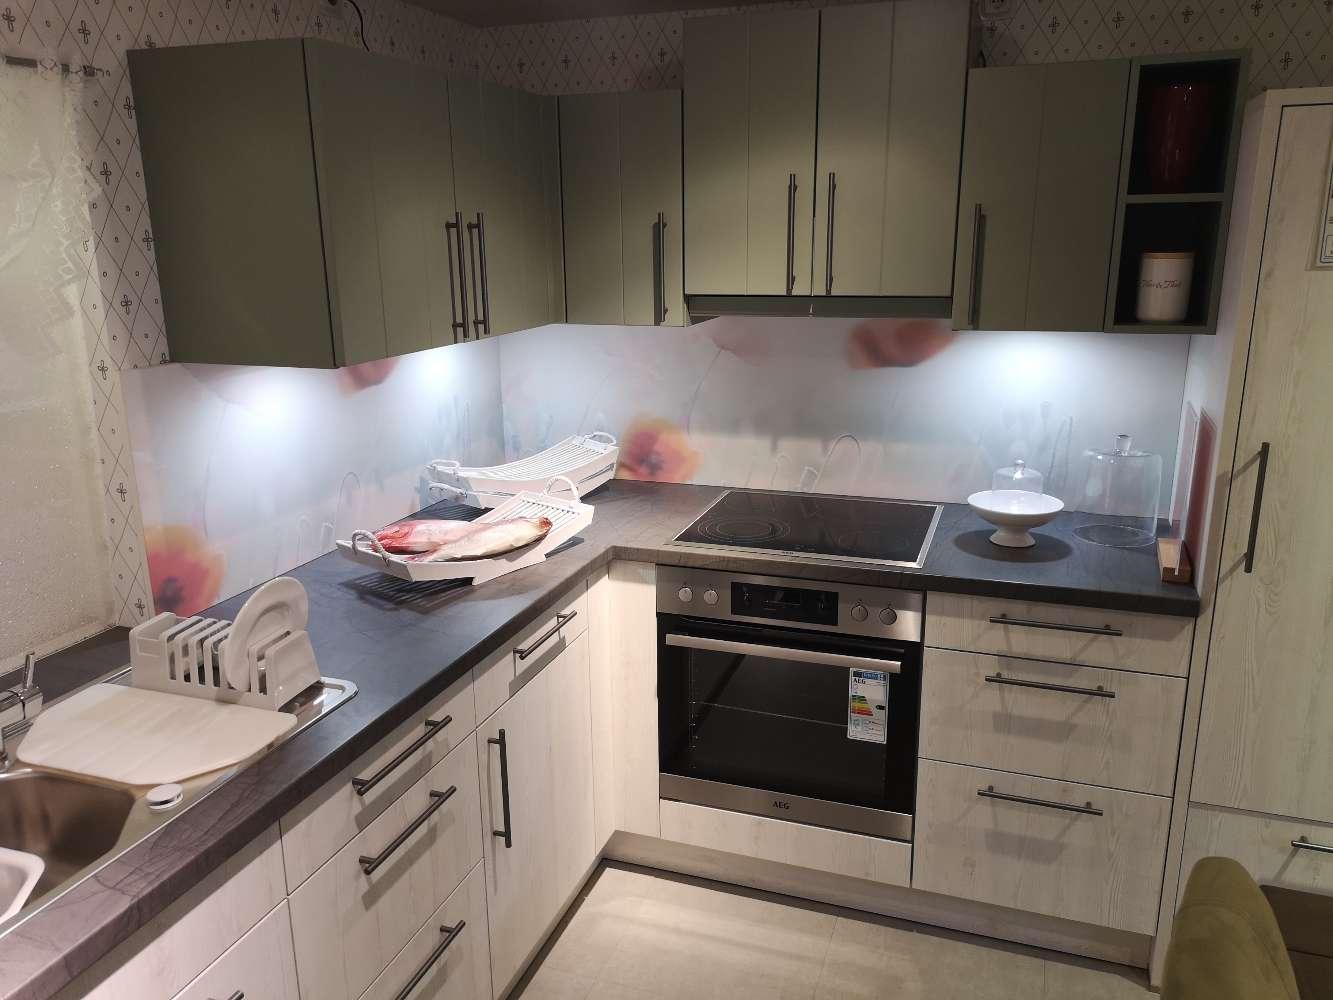 Musterküche Bari moderne, helle Küche Pinie gekalkt